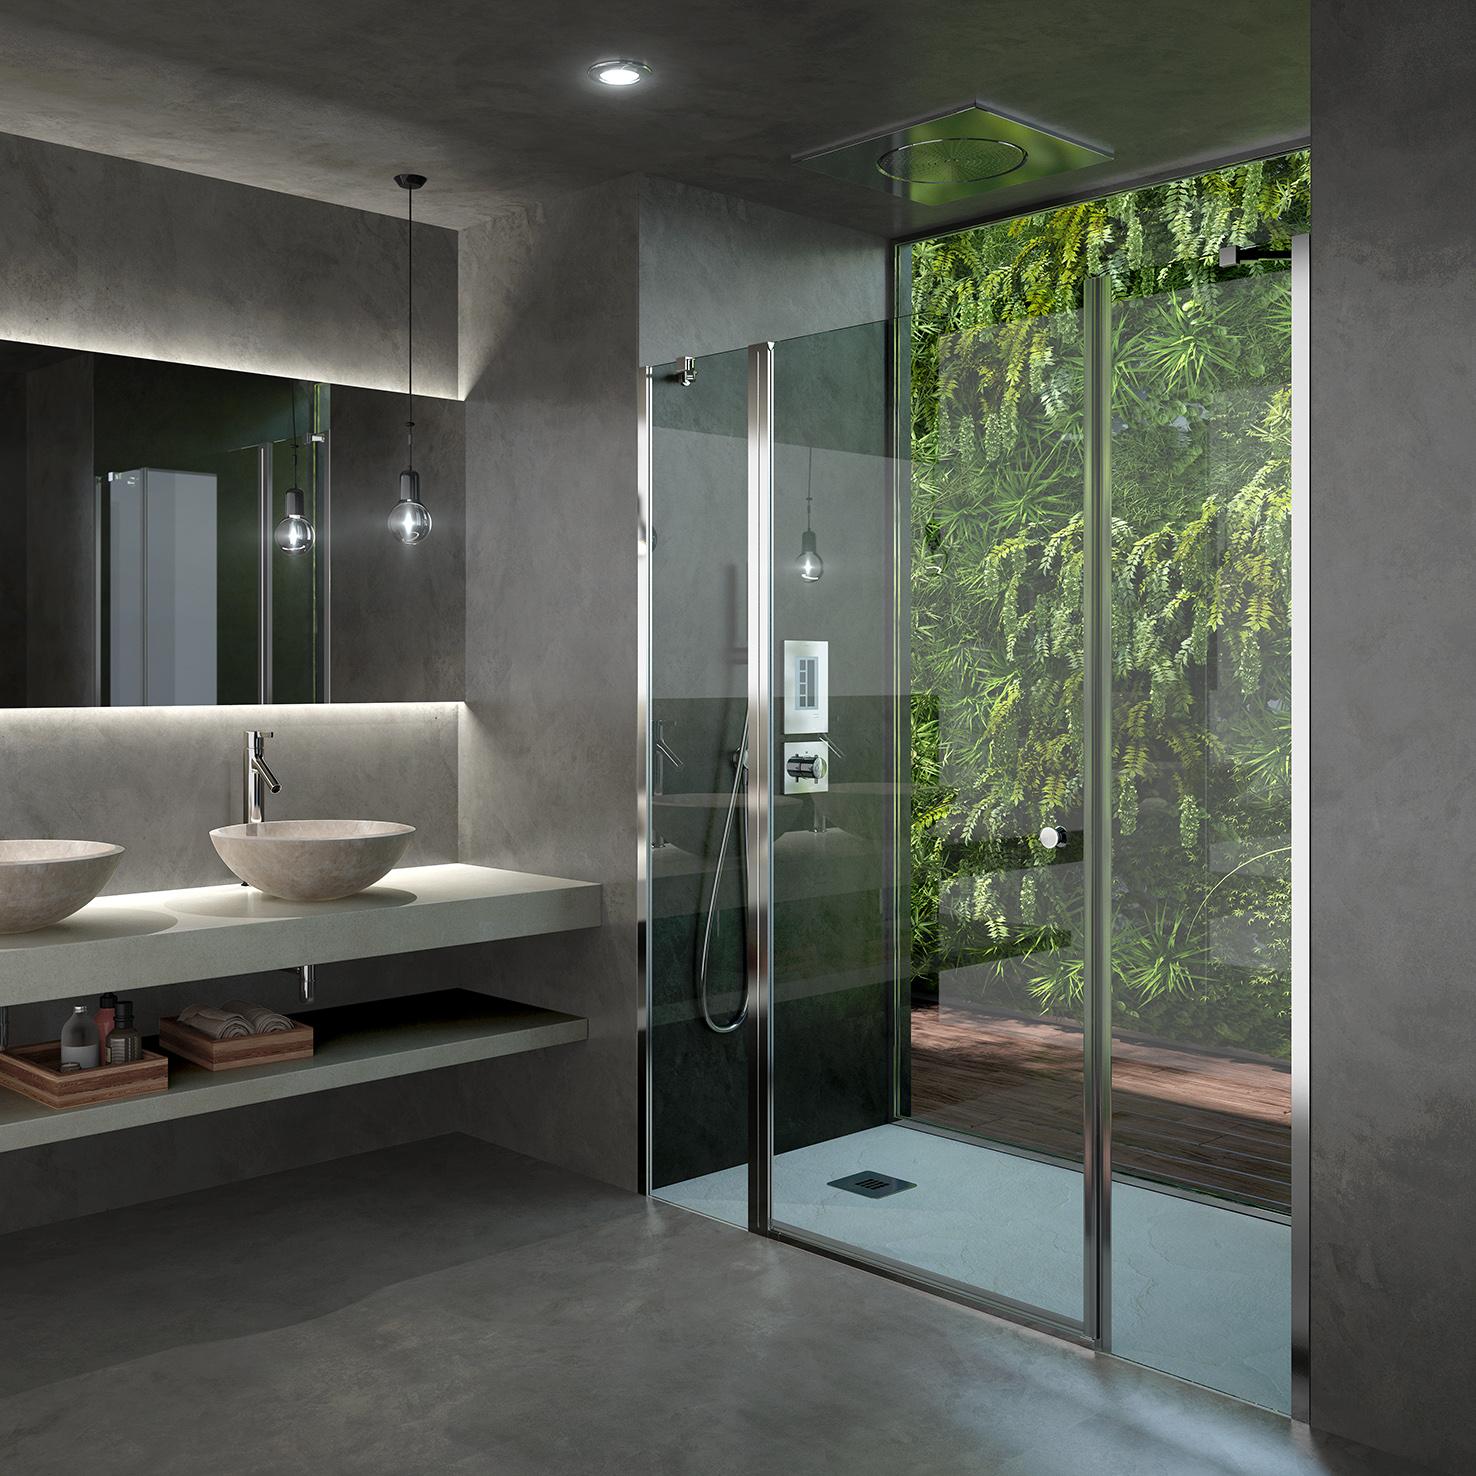 spaziamamparas-de-banomamparas-duchaproyecto-de-banoreformas-de-banobanos-a-medidatres-cantos-12